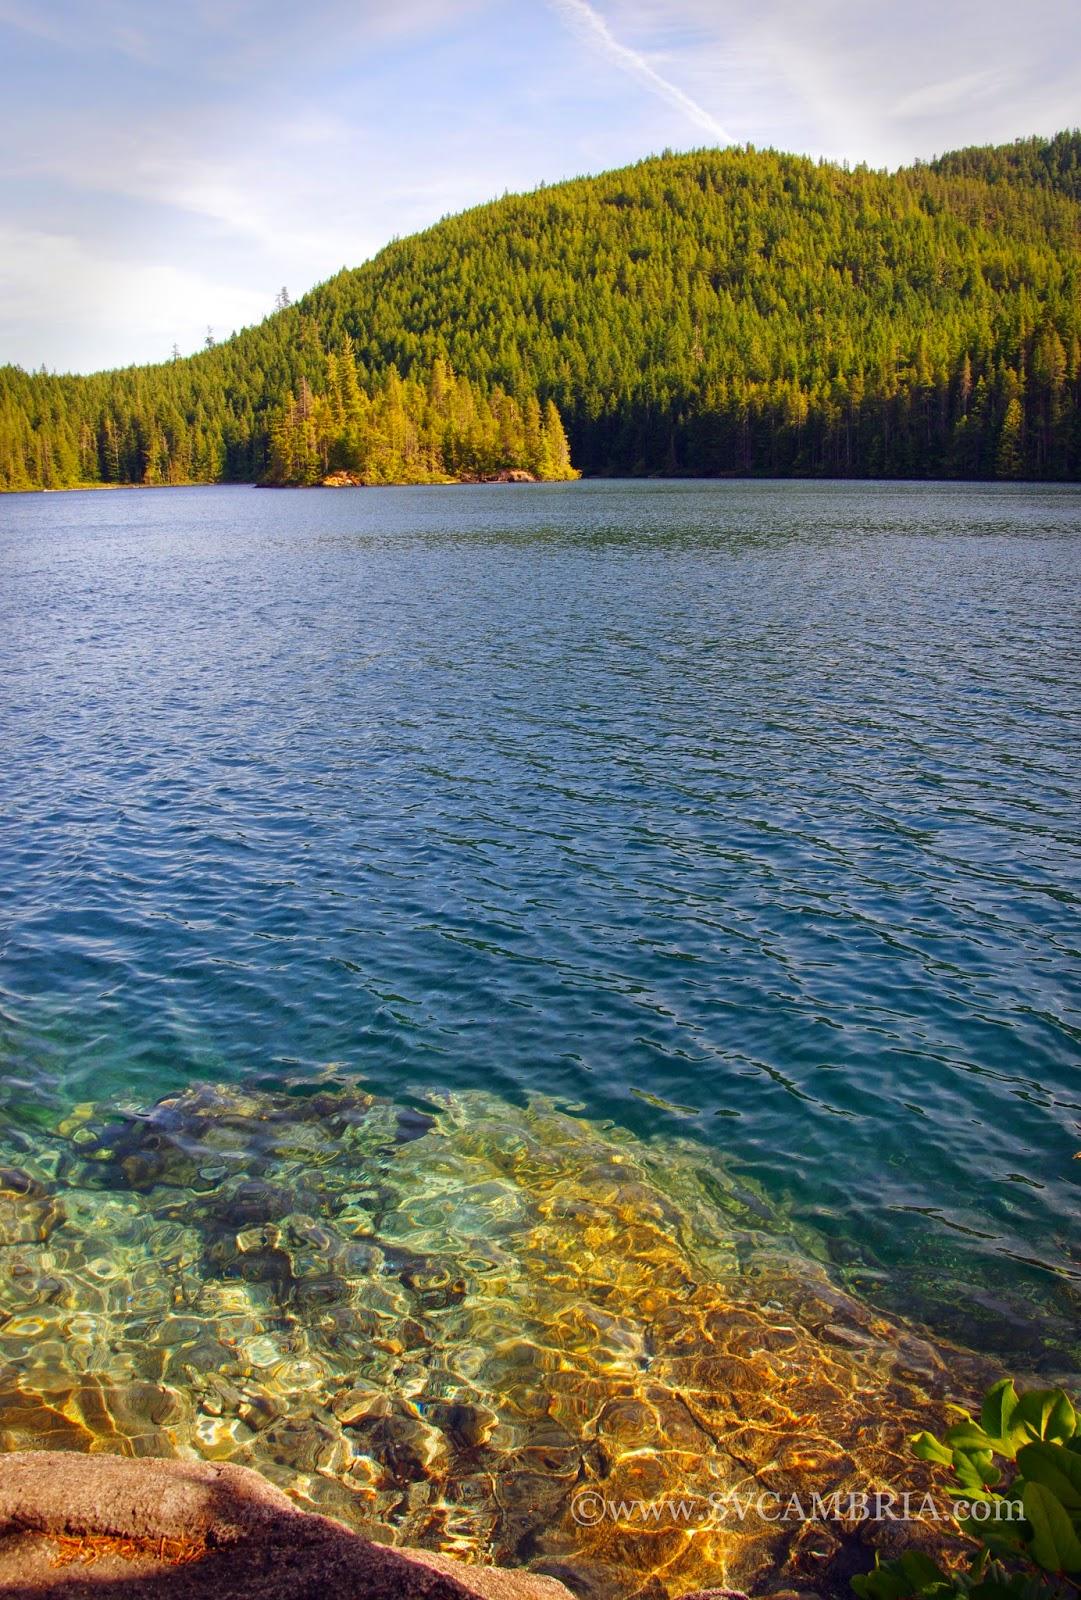 The bathing rocks at Newton Lake, Quadra Island.